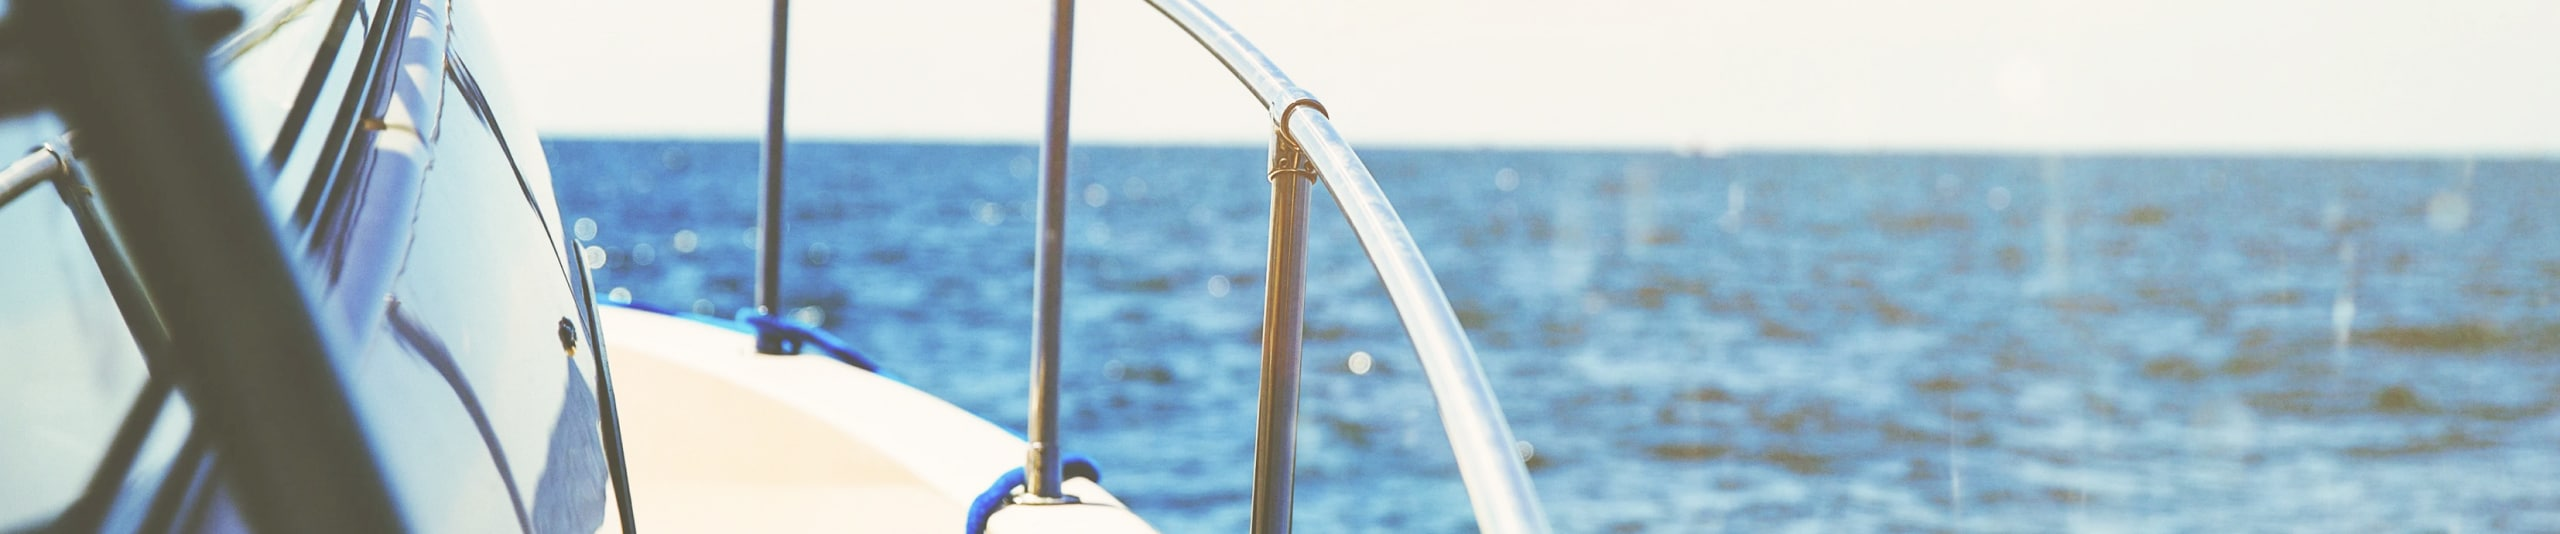 Seguro de embarcações: uma solução à medida de quem gosta de se fazer à água